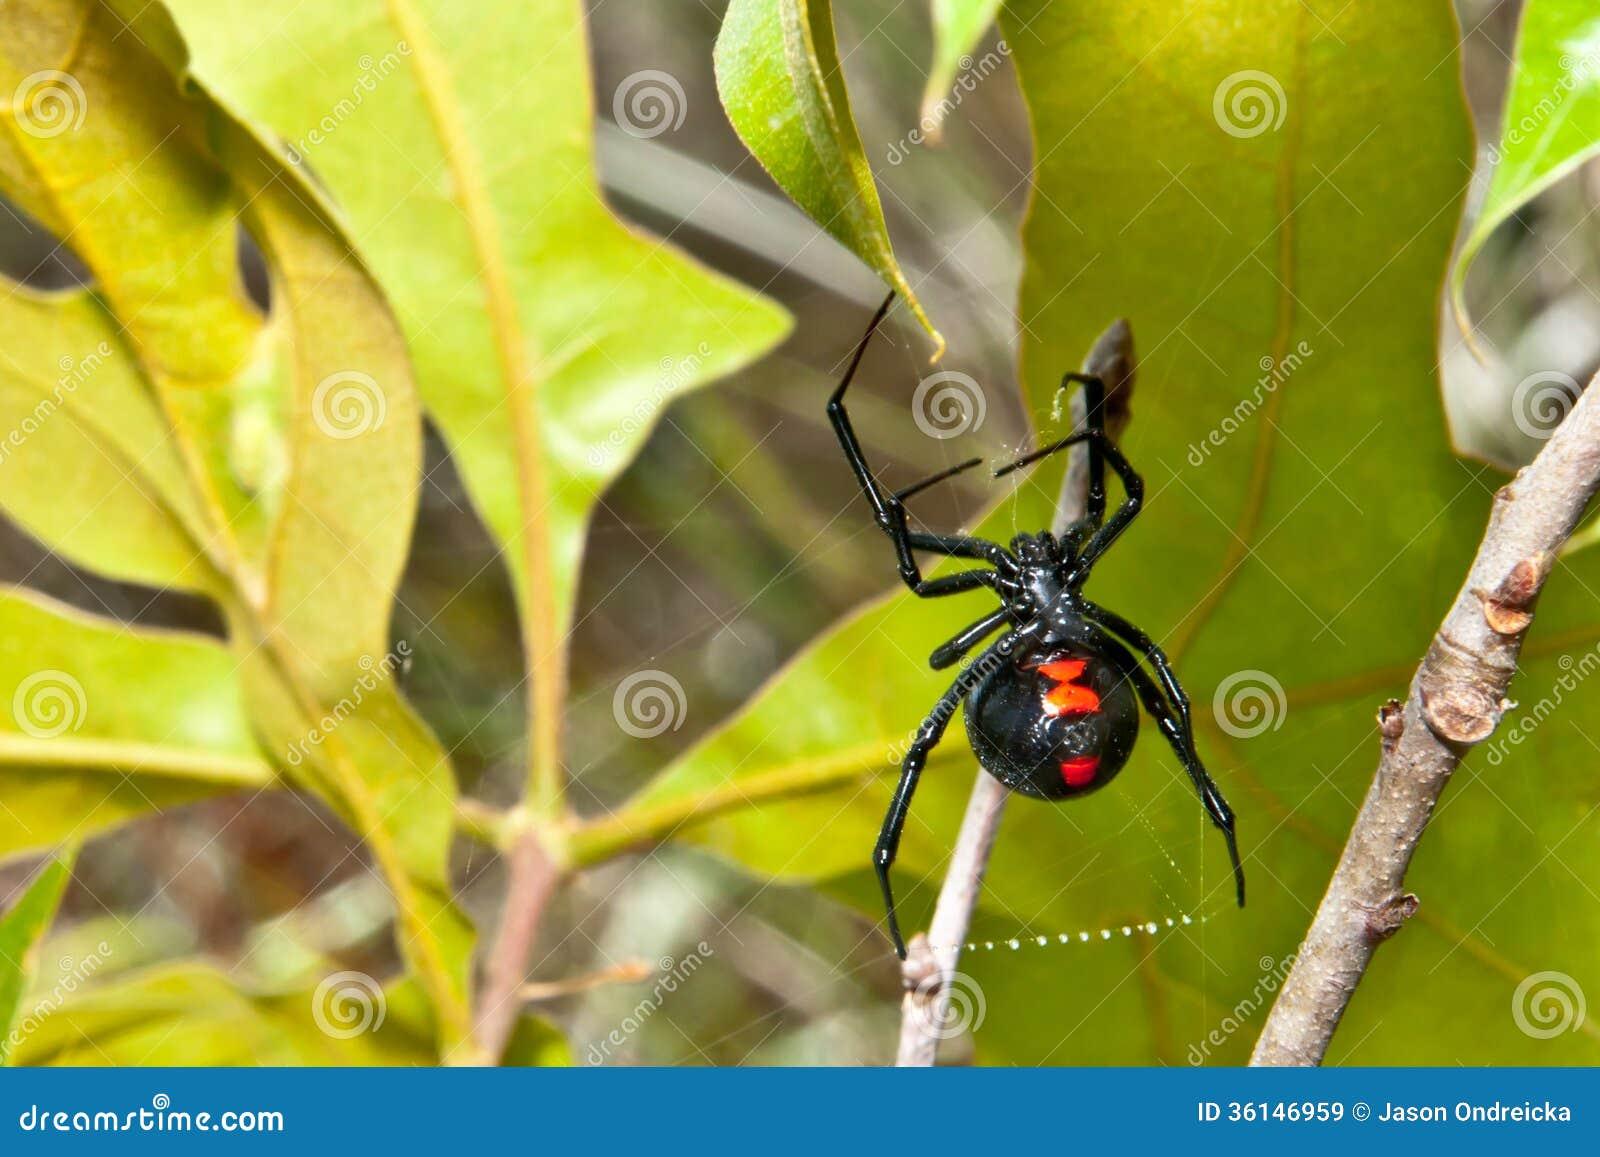 Aranha da viúva negra